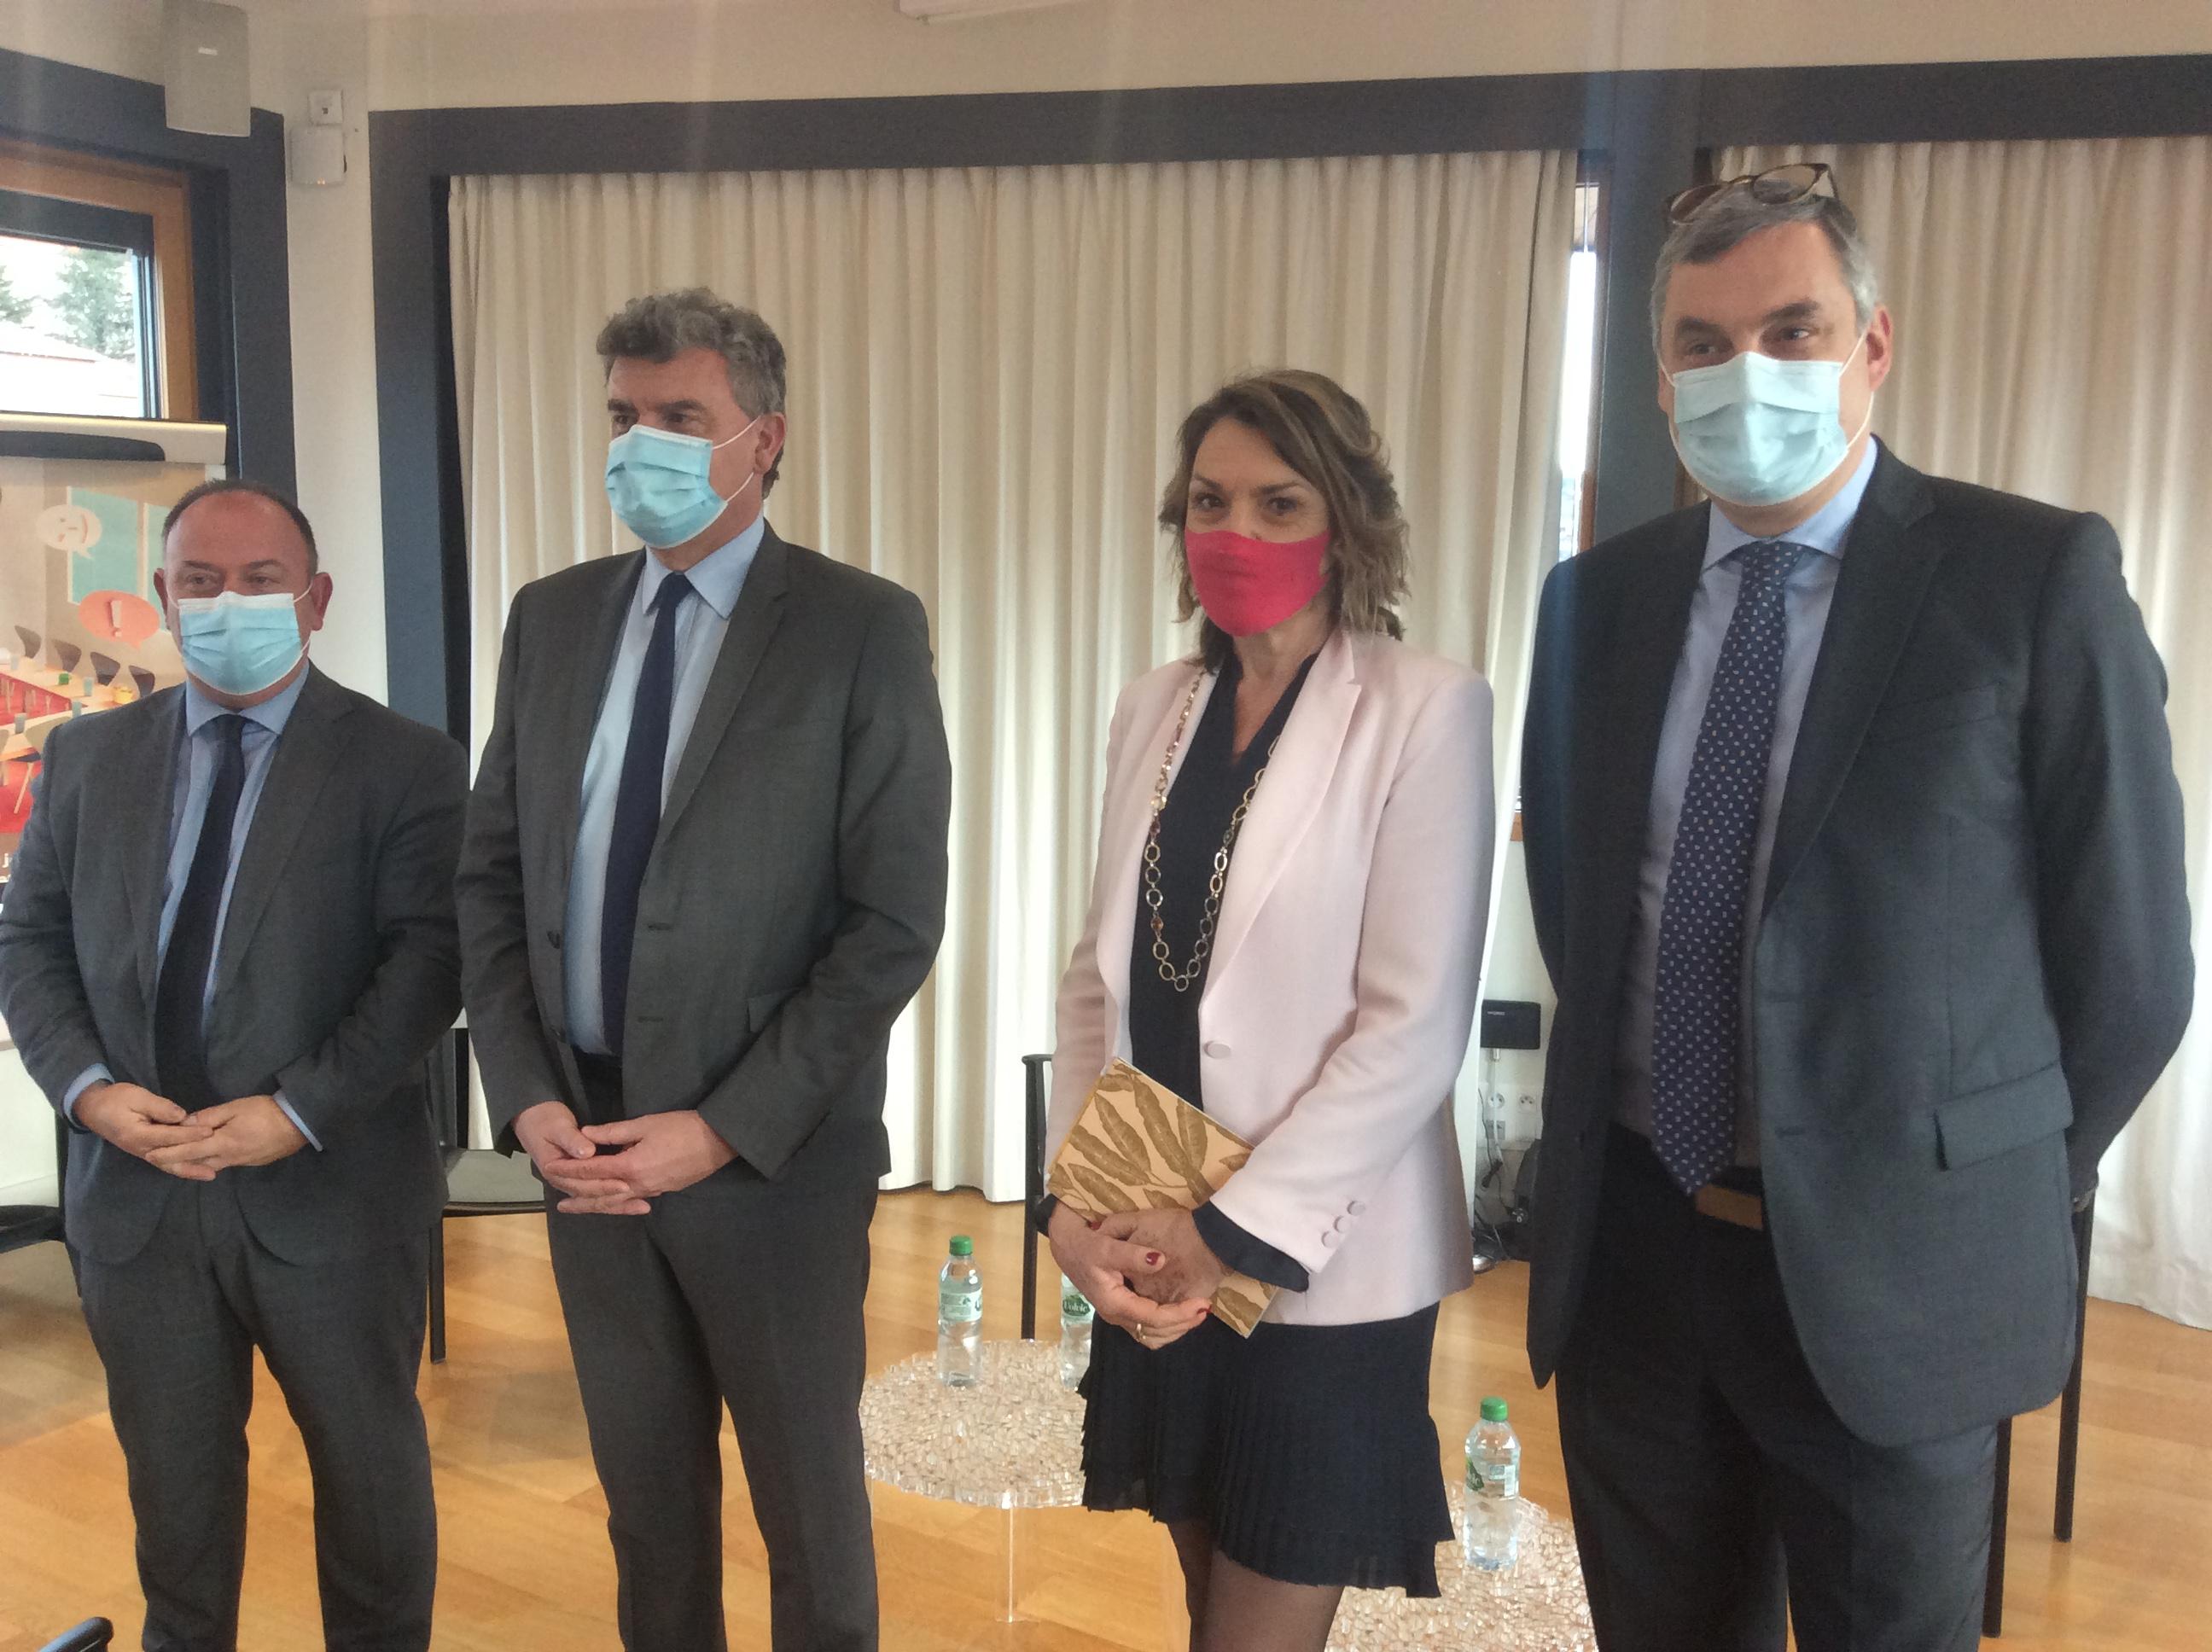 vœux des parlementaires les sénateurs Laurent Duplomb et Olivier Cigolotti et les députés Isabelle Valentin et Jean Pierre Vigier 230121